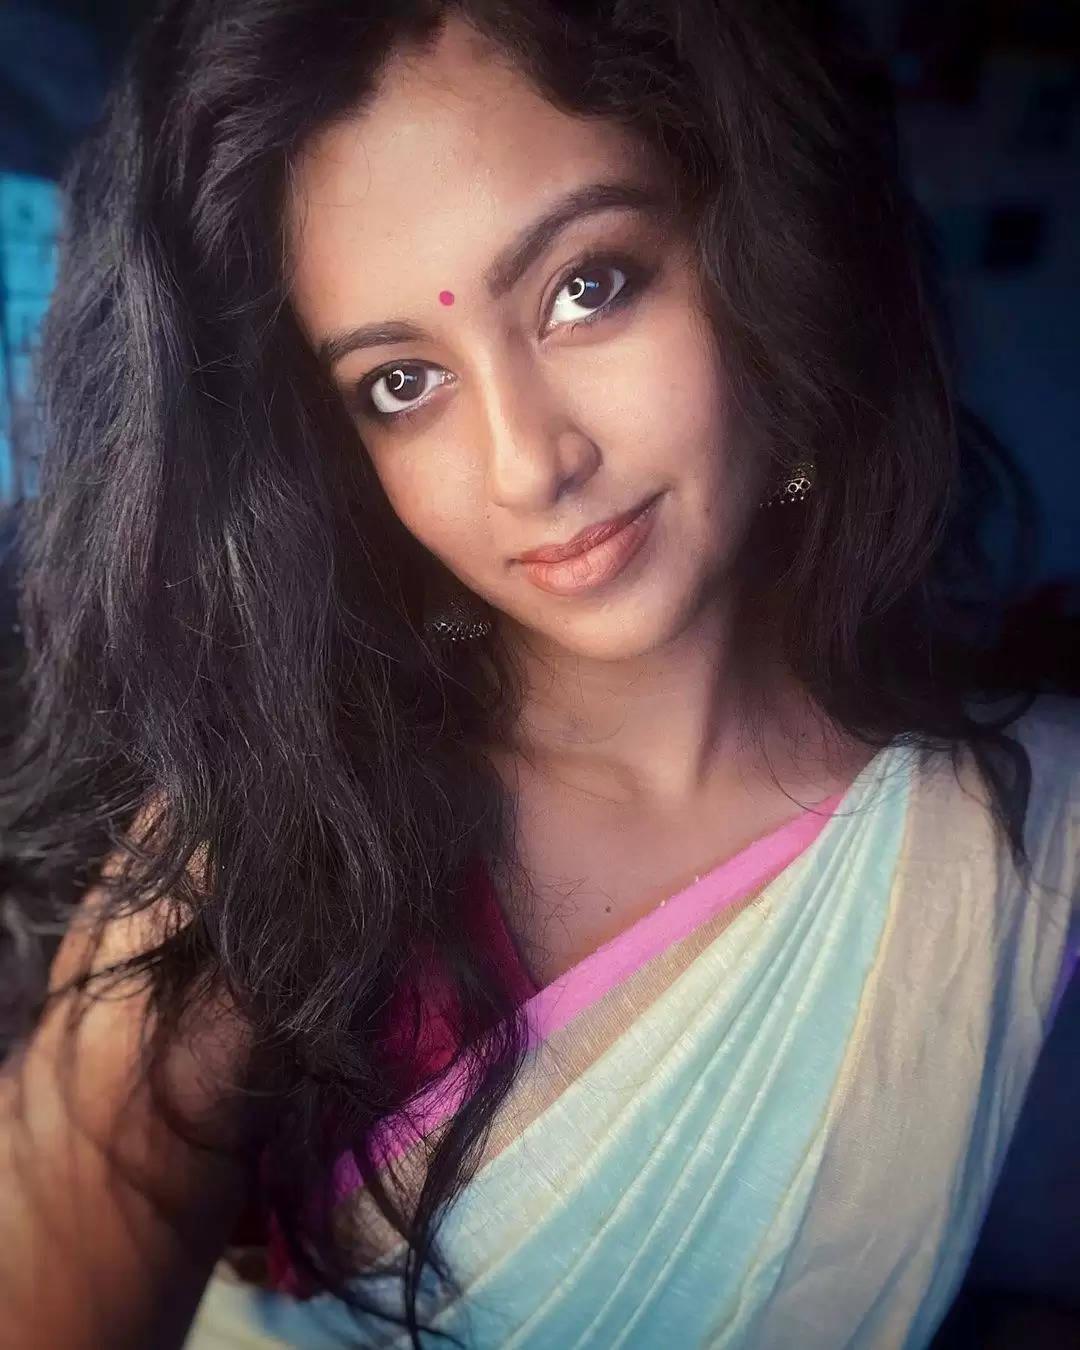 மயக்கும் 'கண்ணம்மா'.. நடிகை ரோஷ்னியின் லேட்டஸ்ட் புகைப்படங்கள்